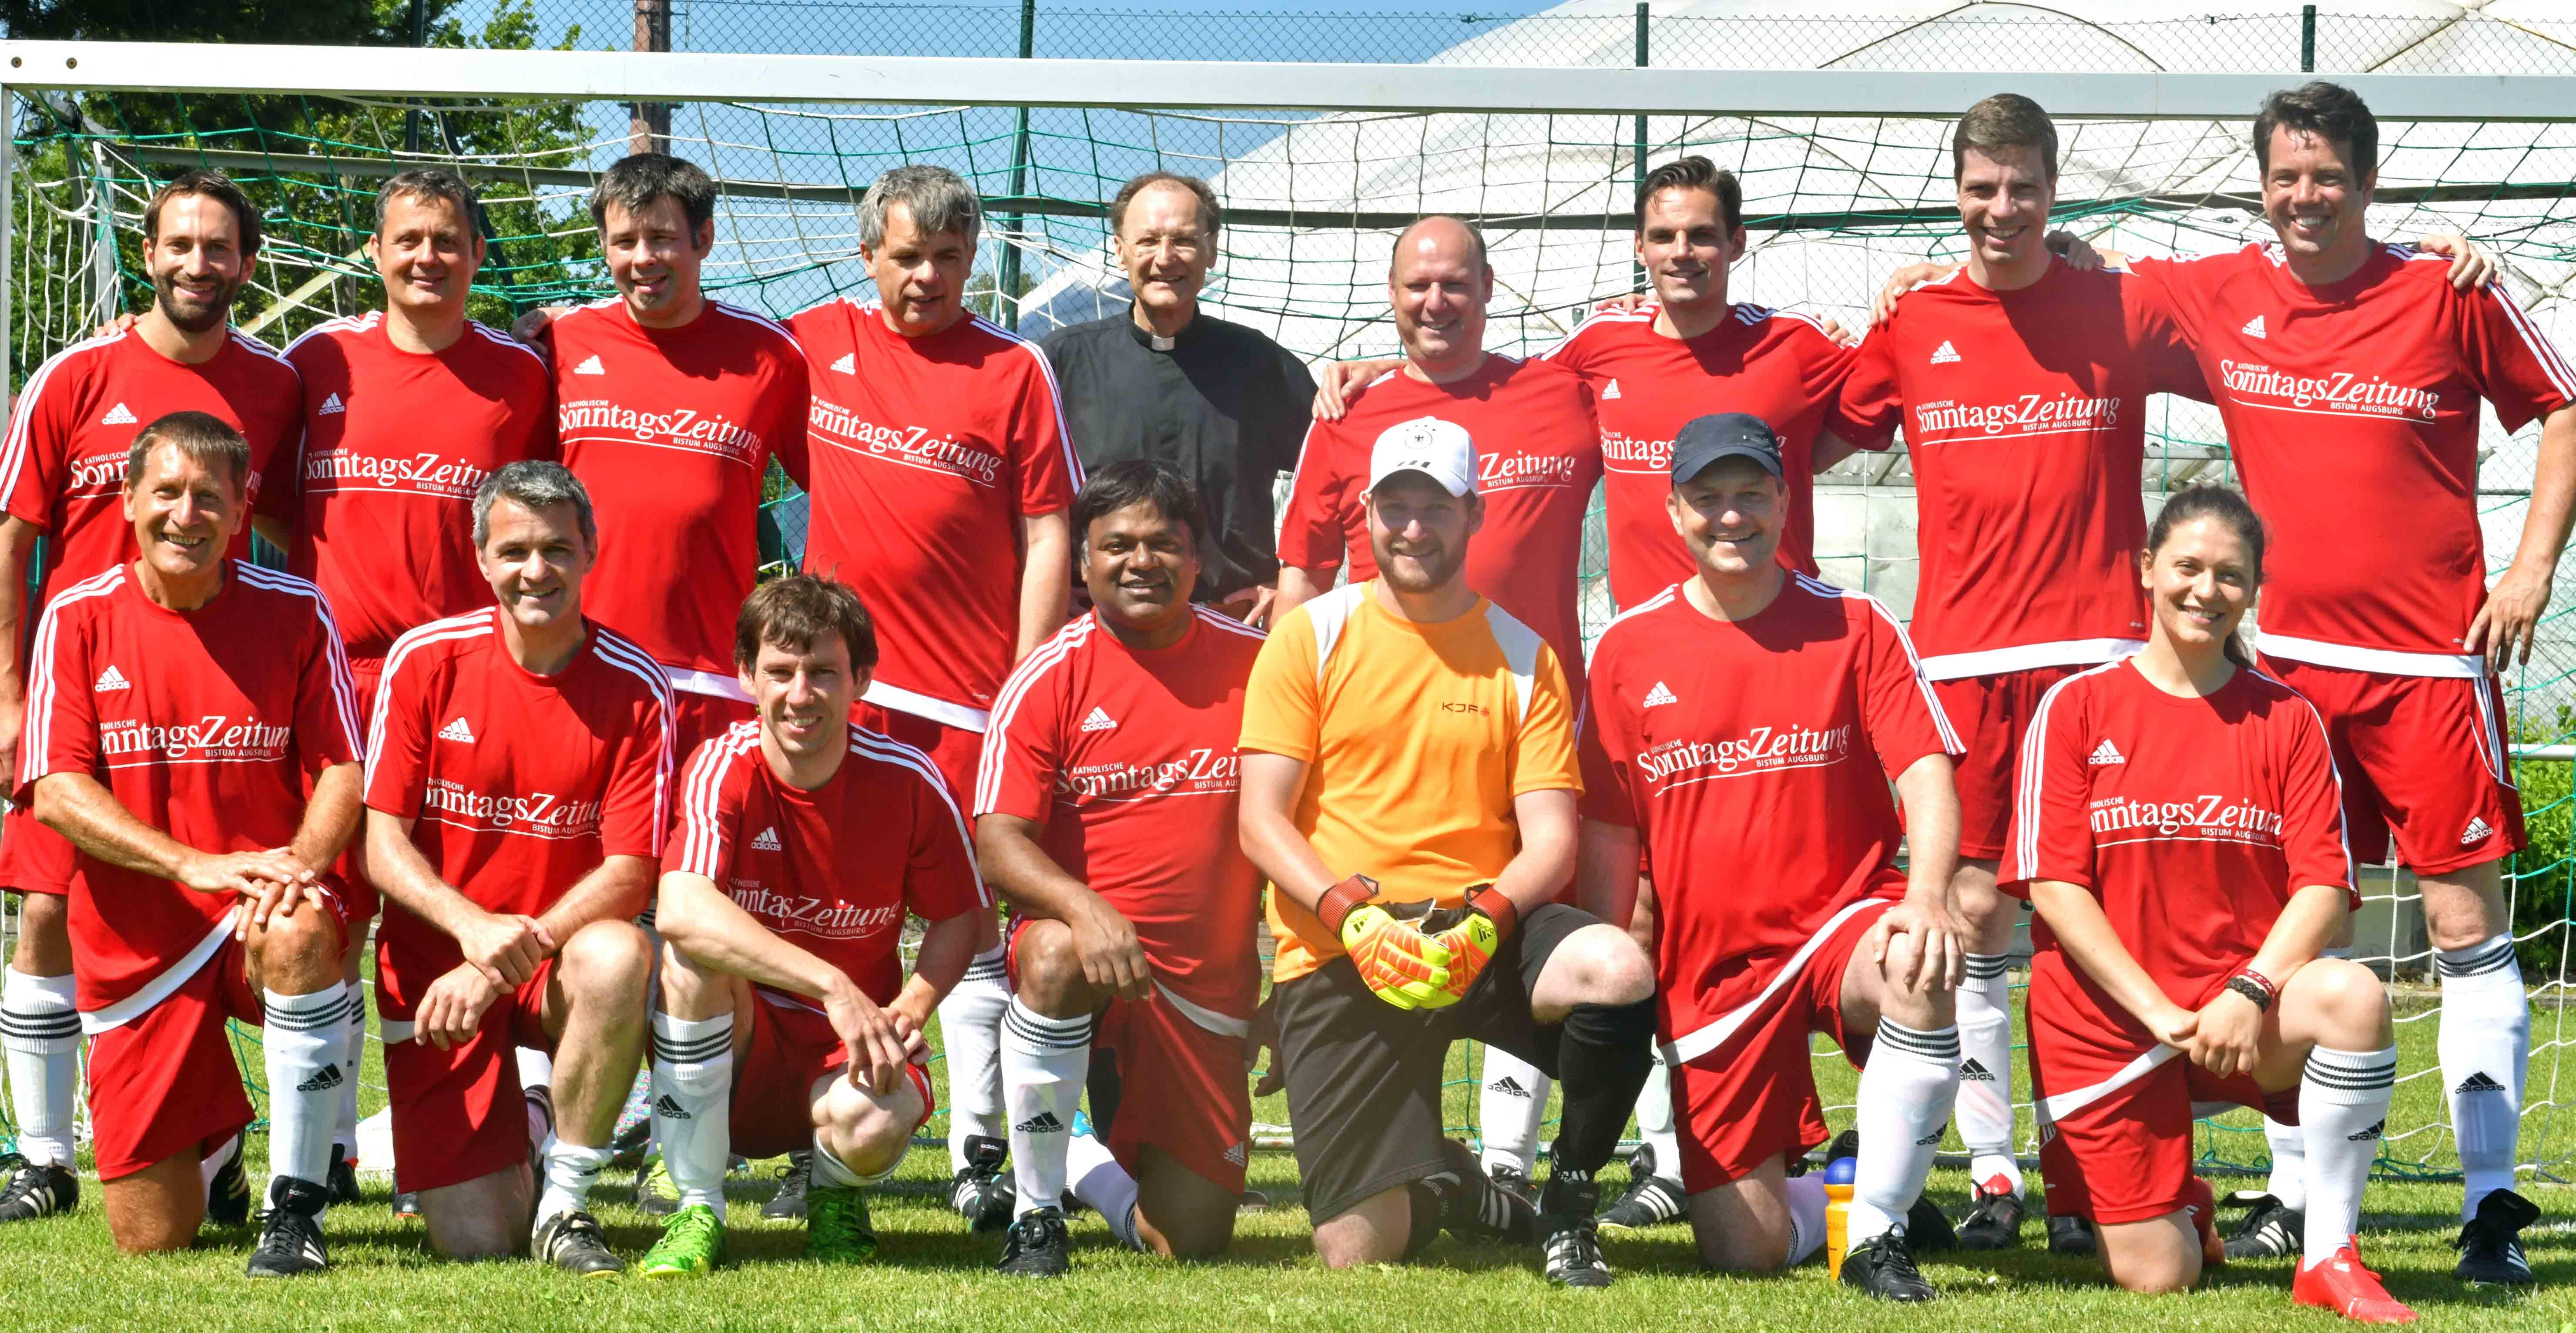 Nach drei Titeln in Folge musste sich das Team aus dem Bistum Augsburg heuer mit der Vizemeisterschaft zufrieden geben. (Fotos: Daniel Jäckel / pba)